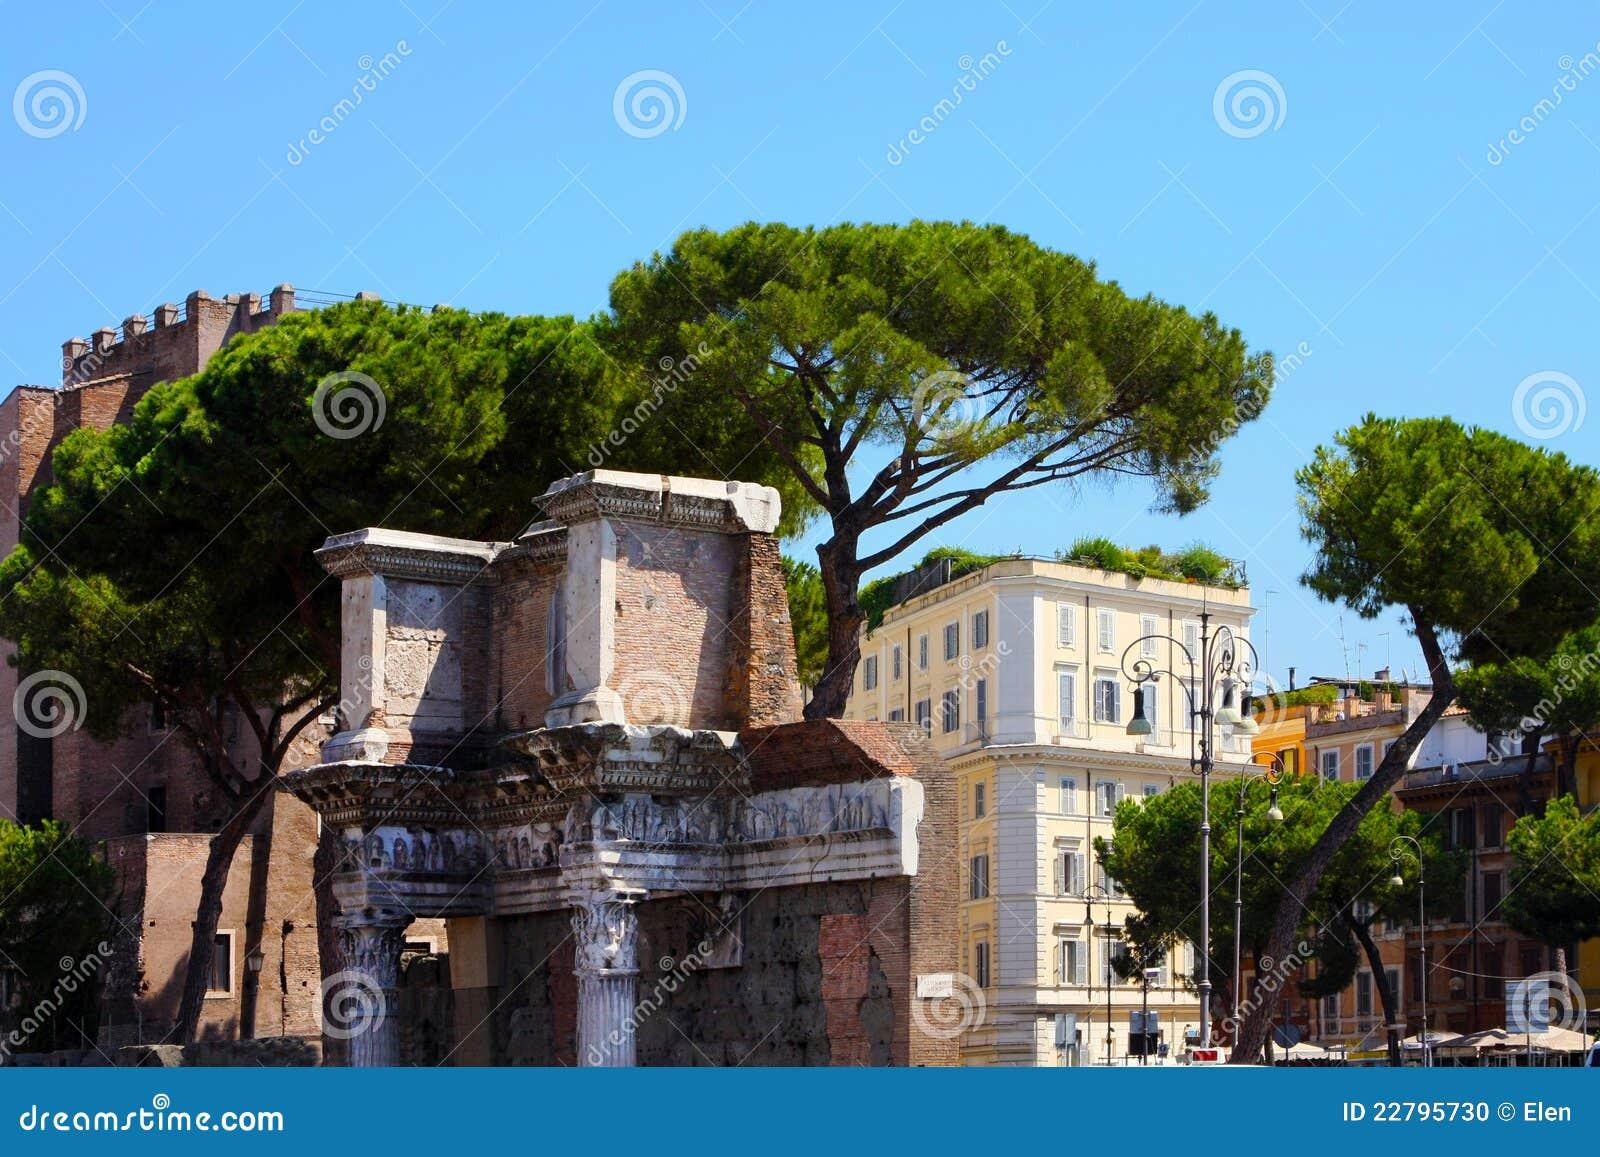 Ρώμη, Ιταλία. Ρωμαϊκό φόρουμ